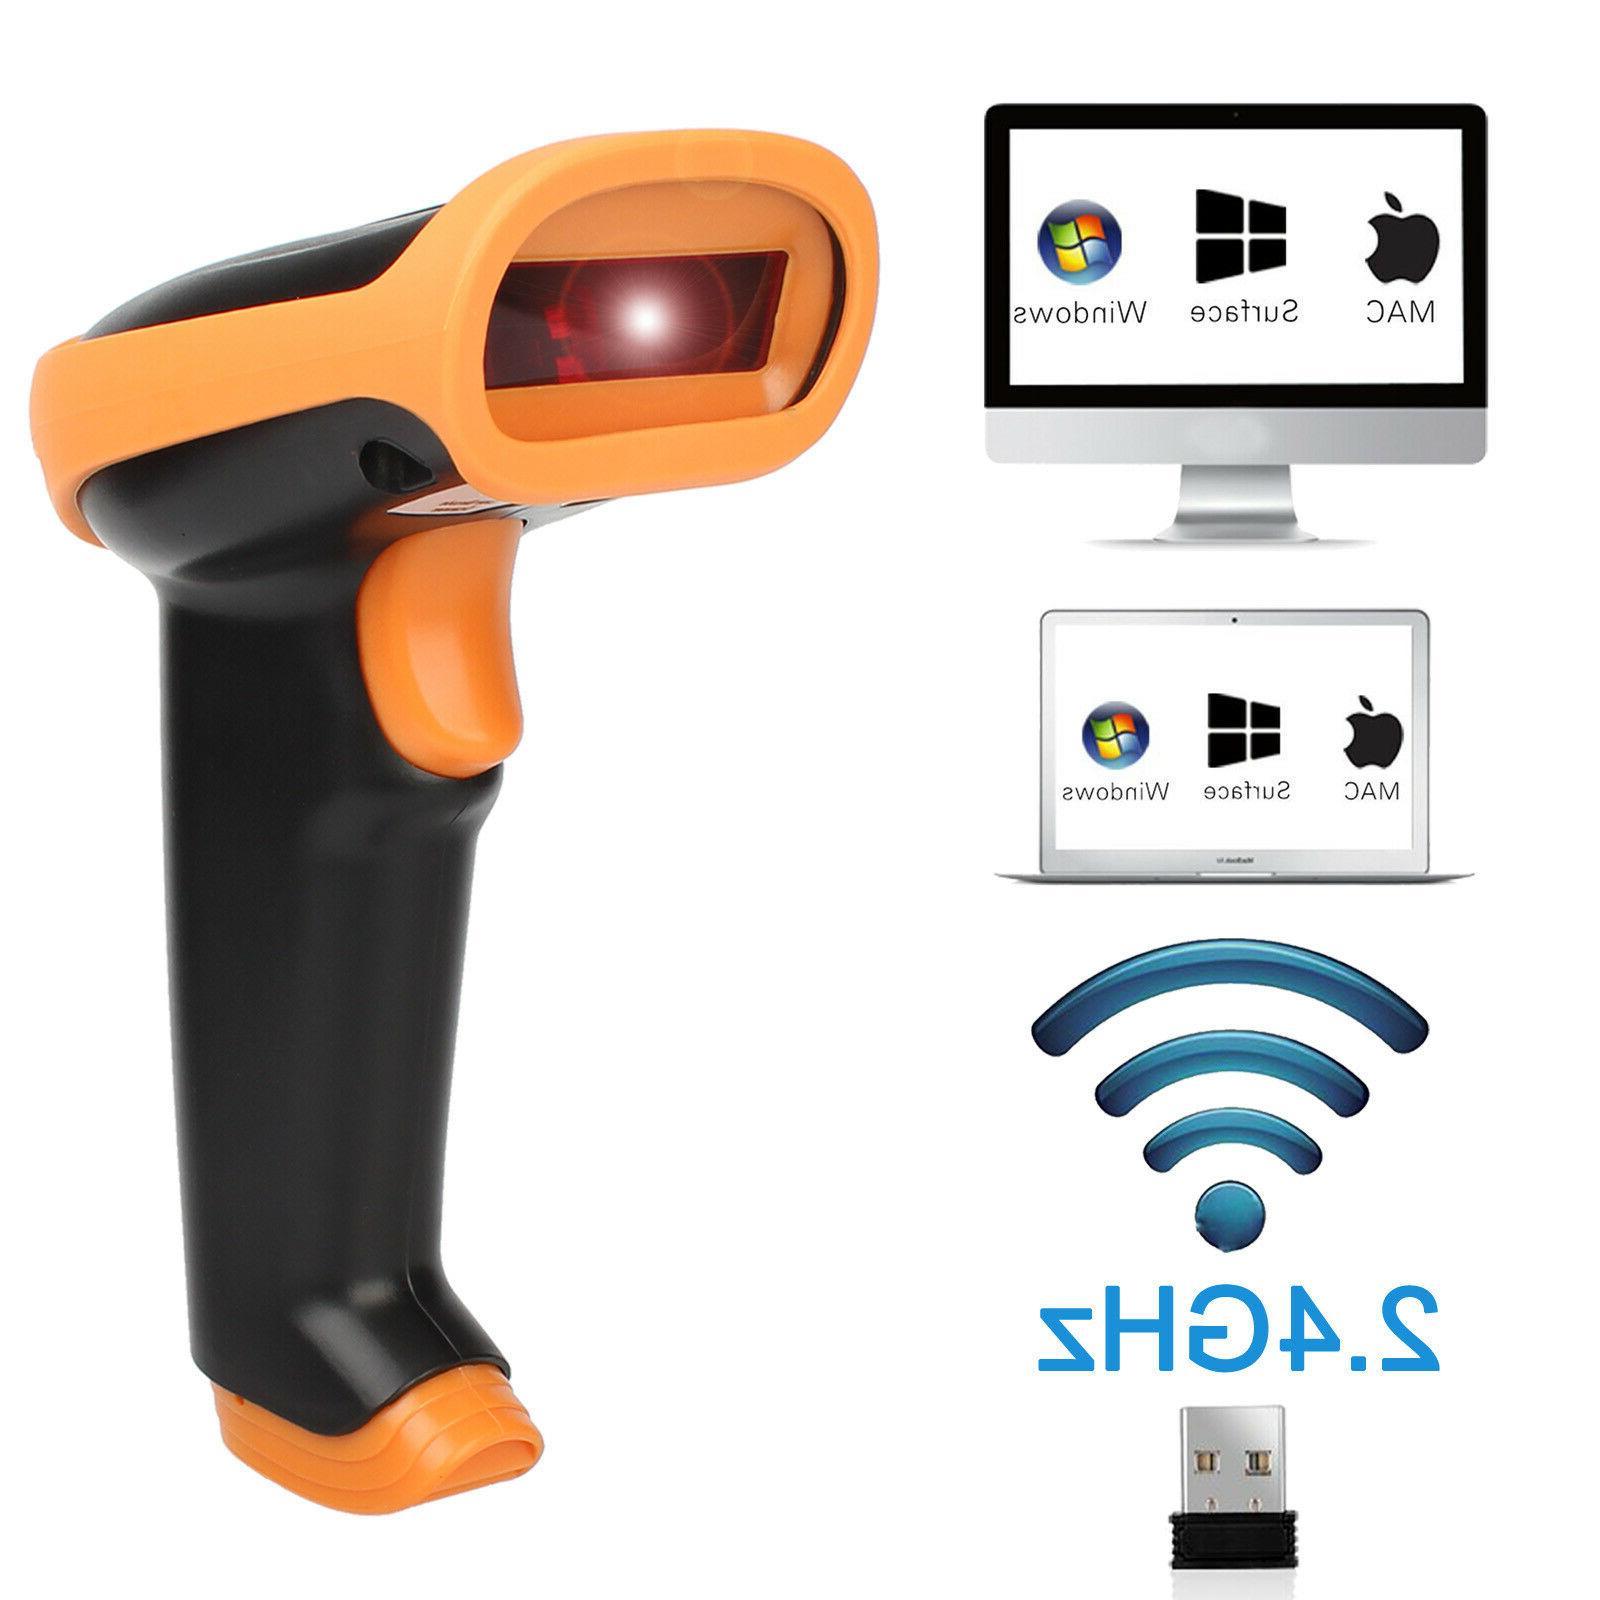 2 4g high speed wireless laser usb